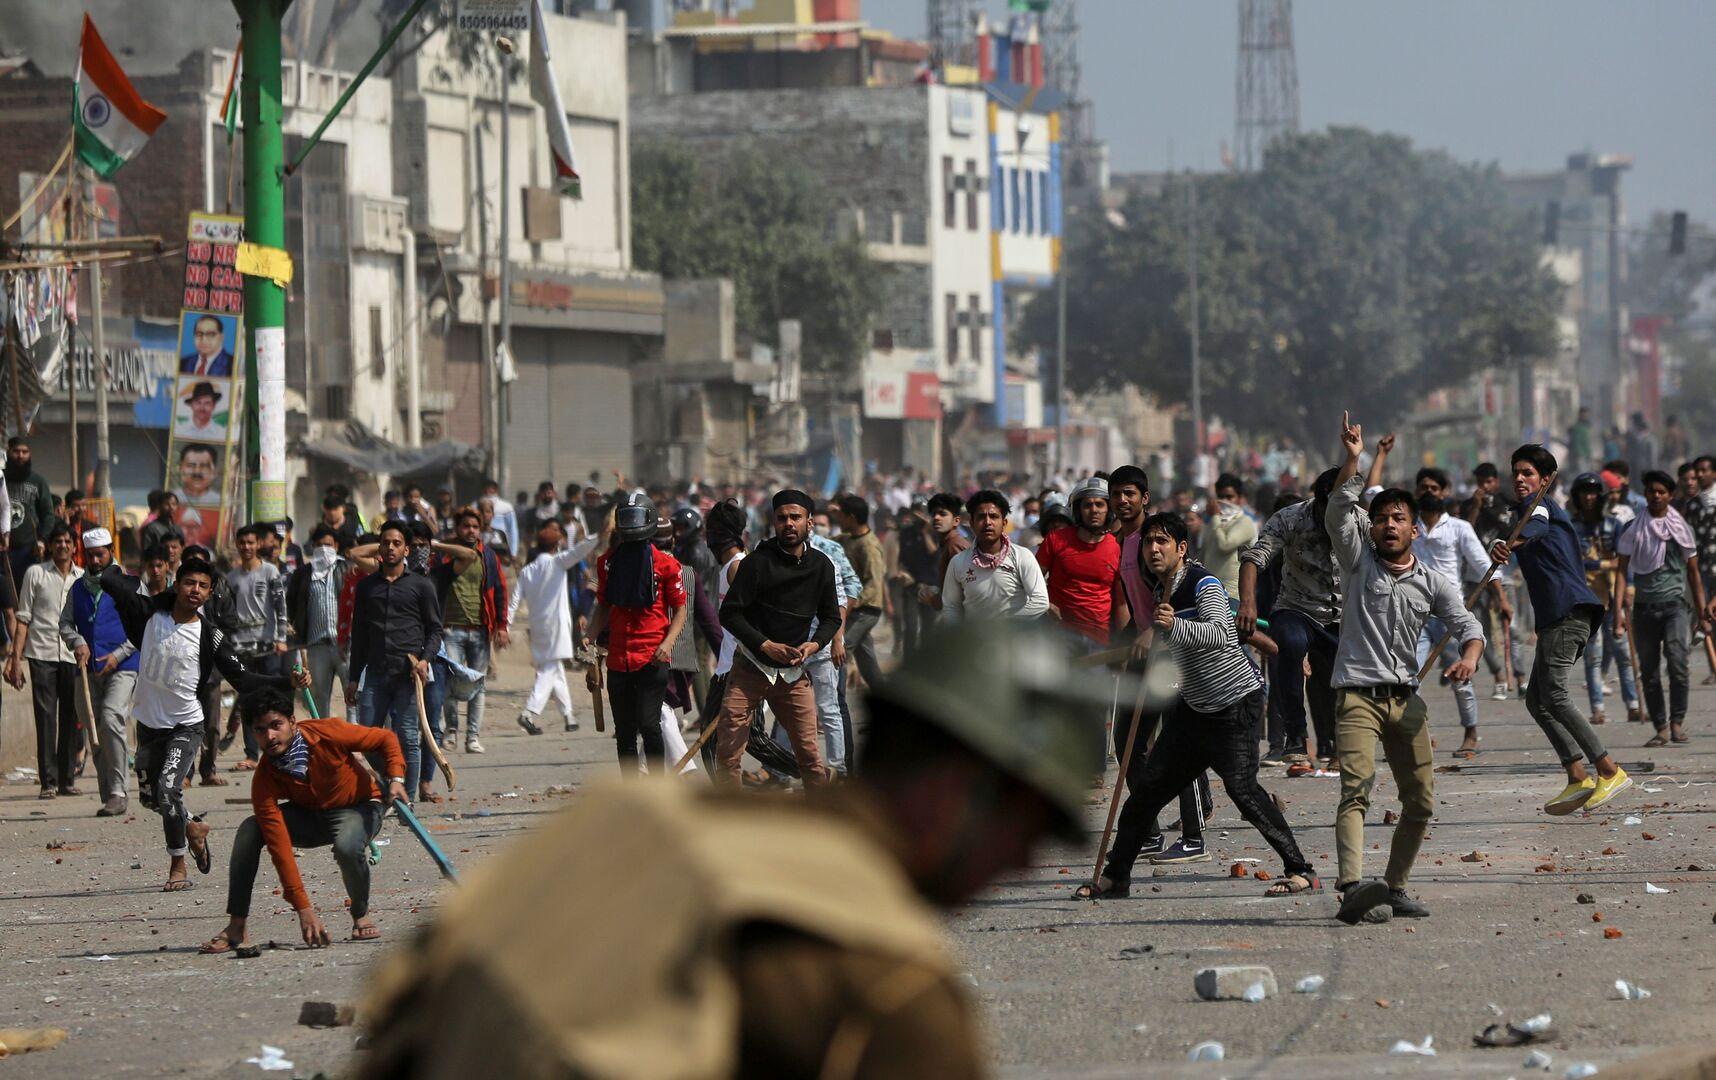 مقتل 5 أشخاص وإصابة 90 آخرين جراء اشتباكات عنيفة بين الشرطة والمتظاهرين في نيودلهي